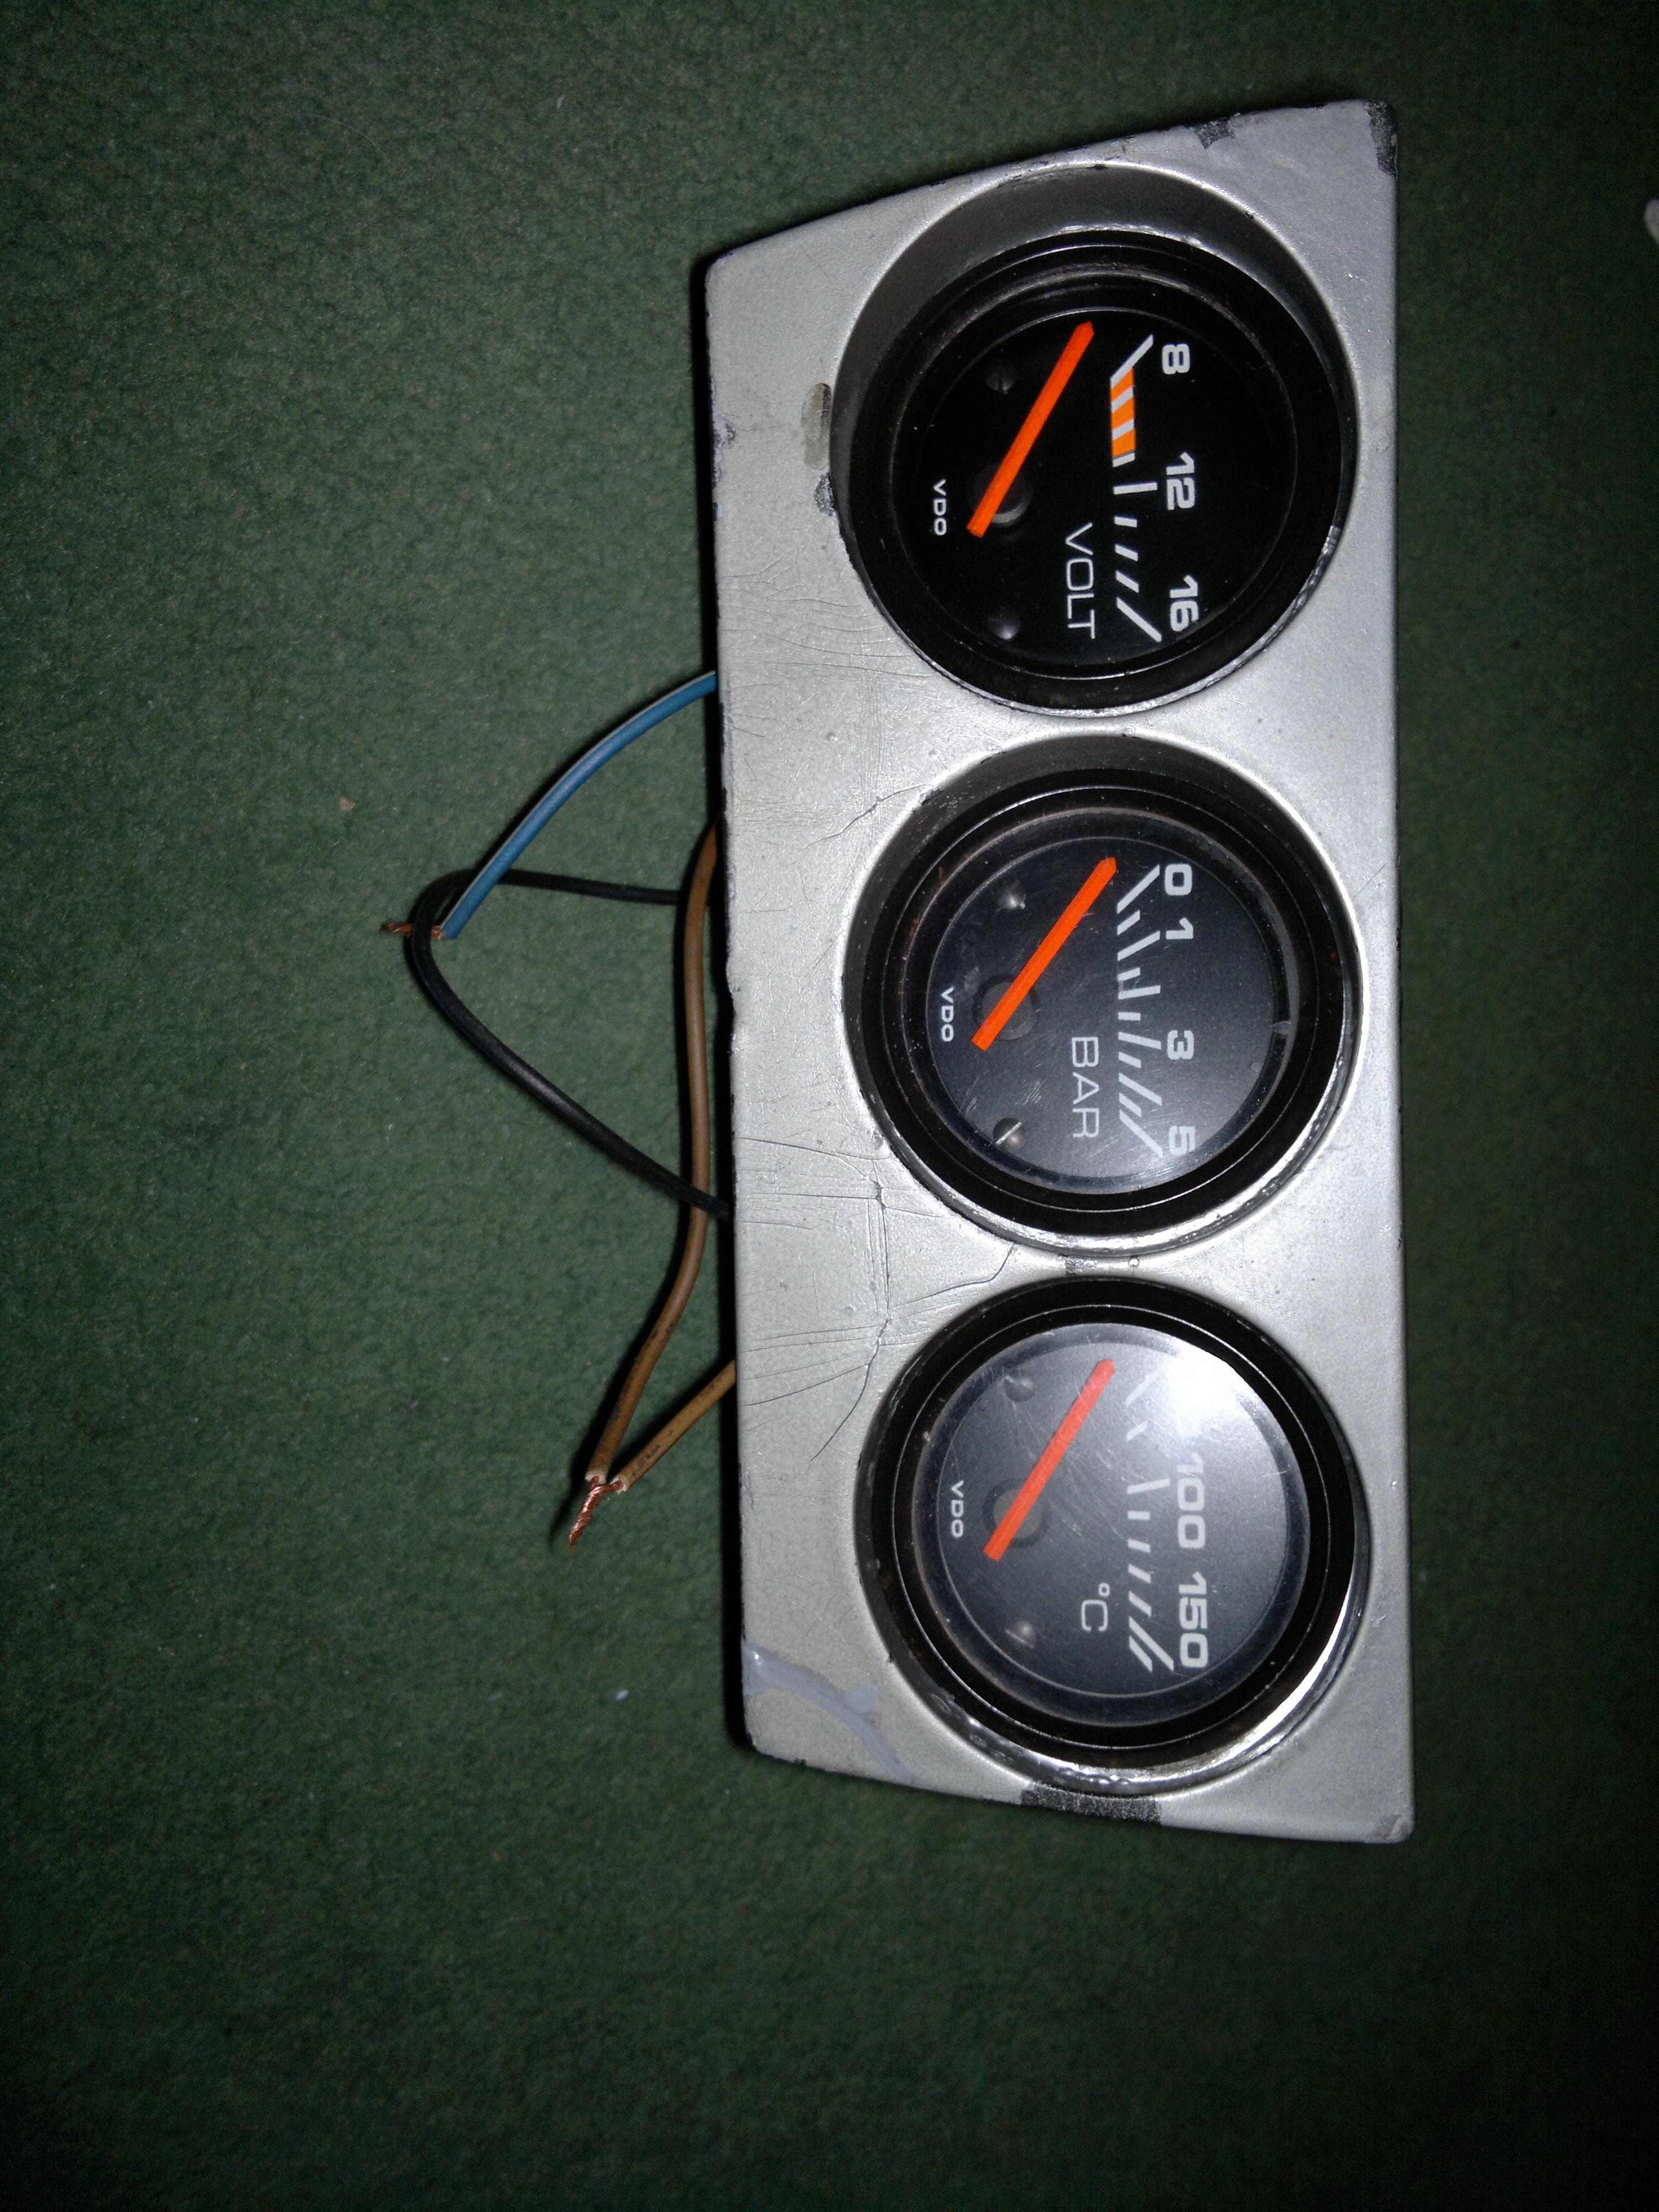 Audi 8090 Dodatkowe Zegary Vdo Czy Da Sie Naprawic